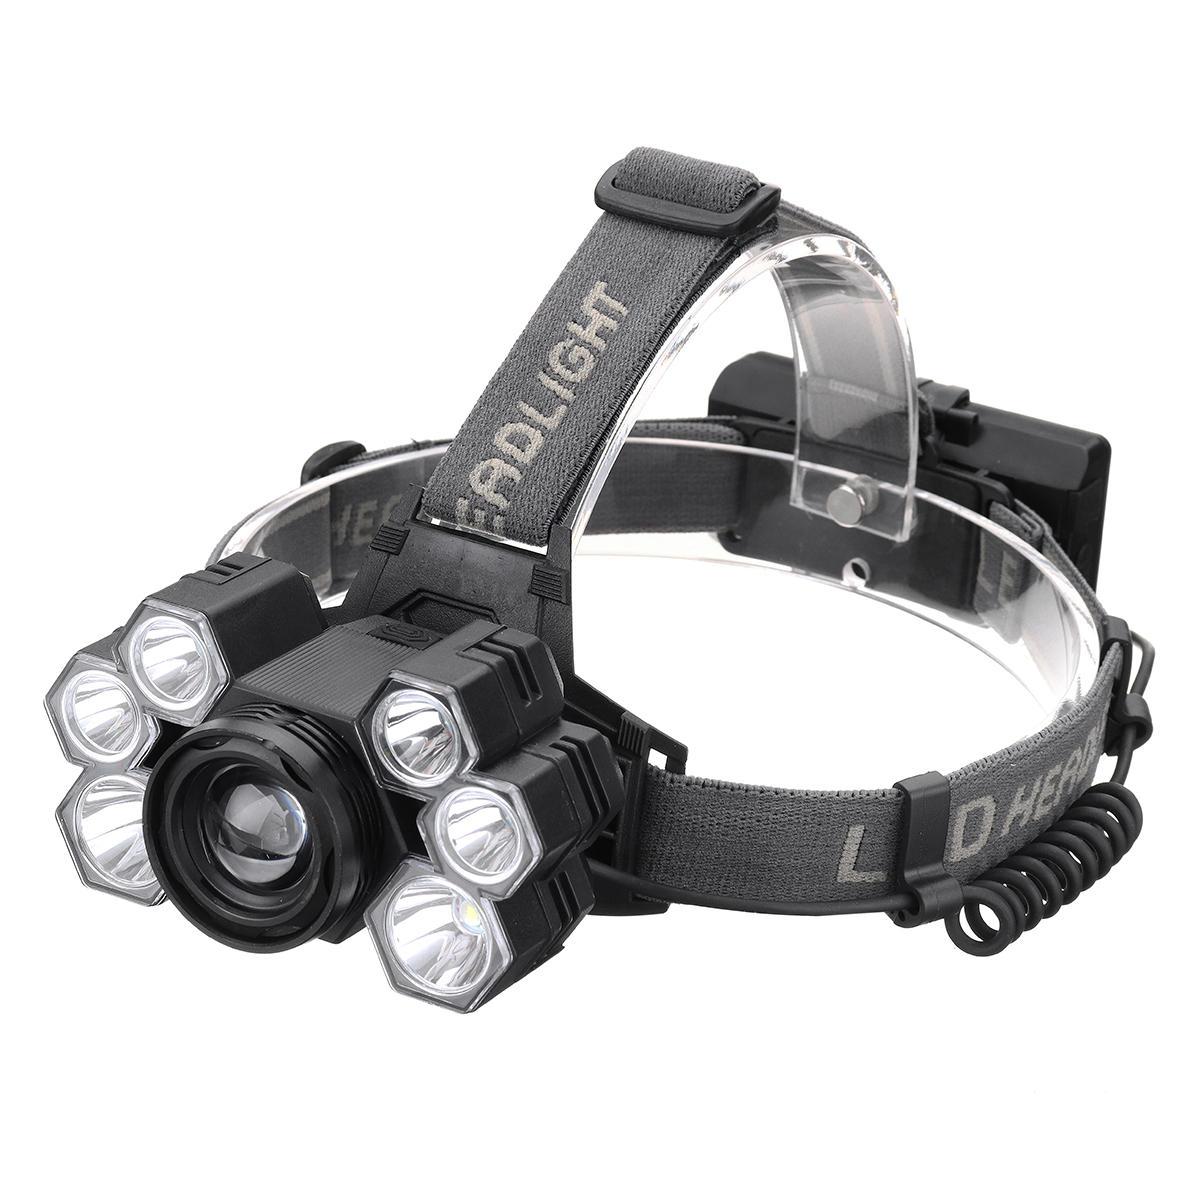 XANES 4101-7 Dengan 2 * 18650 Baterai 3500LM 3 * T6 + 4 * XPE LED Headlamp Mekanik Zoom USB Isi Ulang